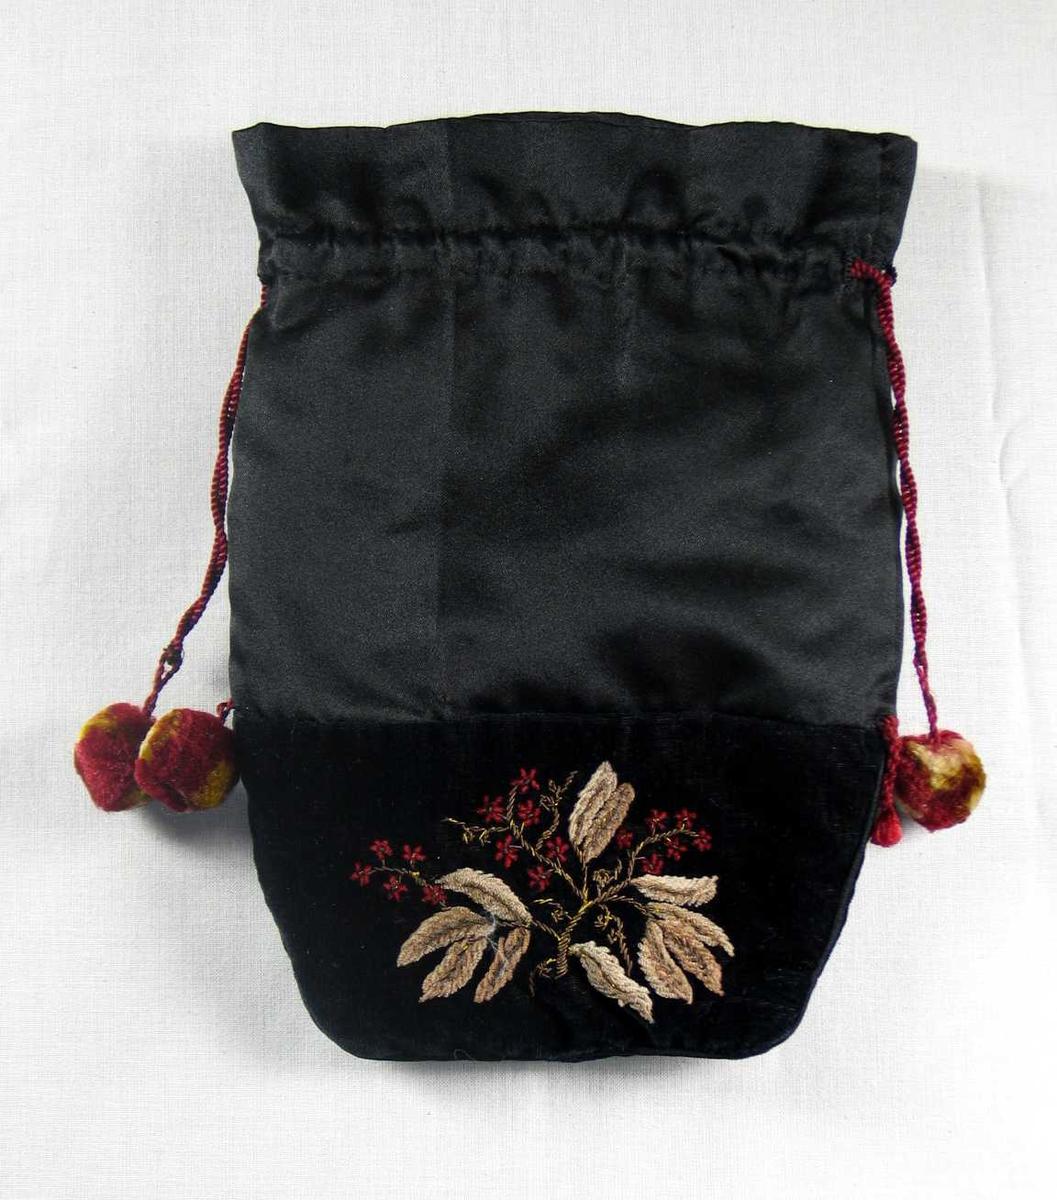 Svart poseformet pompadur i fløyel og silkesateng. Øverst 15 cm svart sateng. Nedbrett mot innside med løpegang og rynkehode. Burgunderrød snor, 10-12 cm utenfor løpegang med kulformet silkepompong i burgunderrødt og gulbrunt. Nedre del av posen er sydd i svart fløyel med sateng i sømmene. Broderi i form av grein med blomster utført med bronsefarget metalltråd og beige/rødt chenillegarn. Dette gir et flosset preg. Bladene er brodert med plattsøm. Broderi på begge sider av vesken. Silkepompong på venstre side ved søm, den høyre mangler. Hvitt , tynt, to-skaft silkefôr. Veldig slitt. Omsydd av noe annet? Håndsydd.